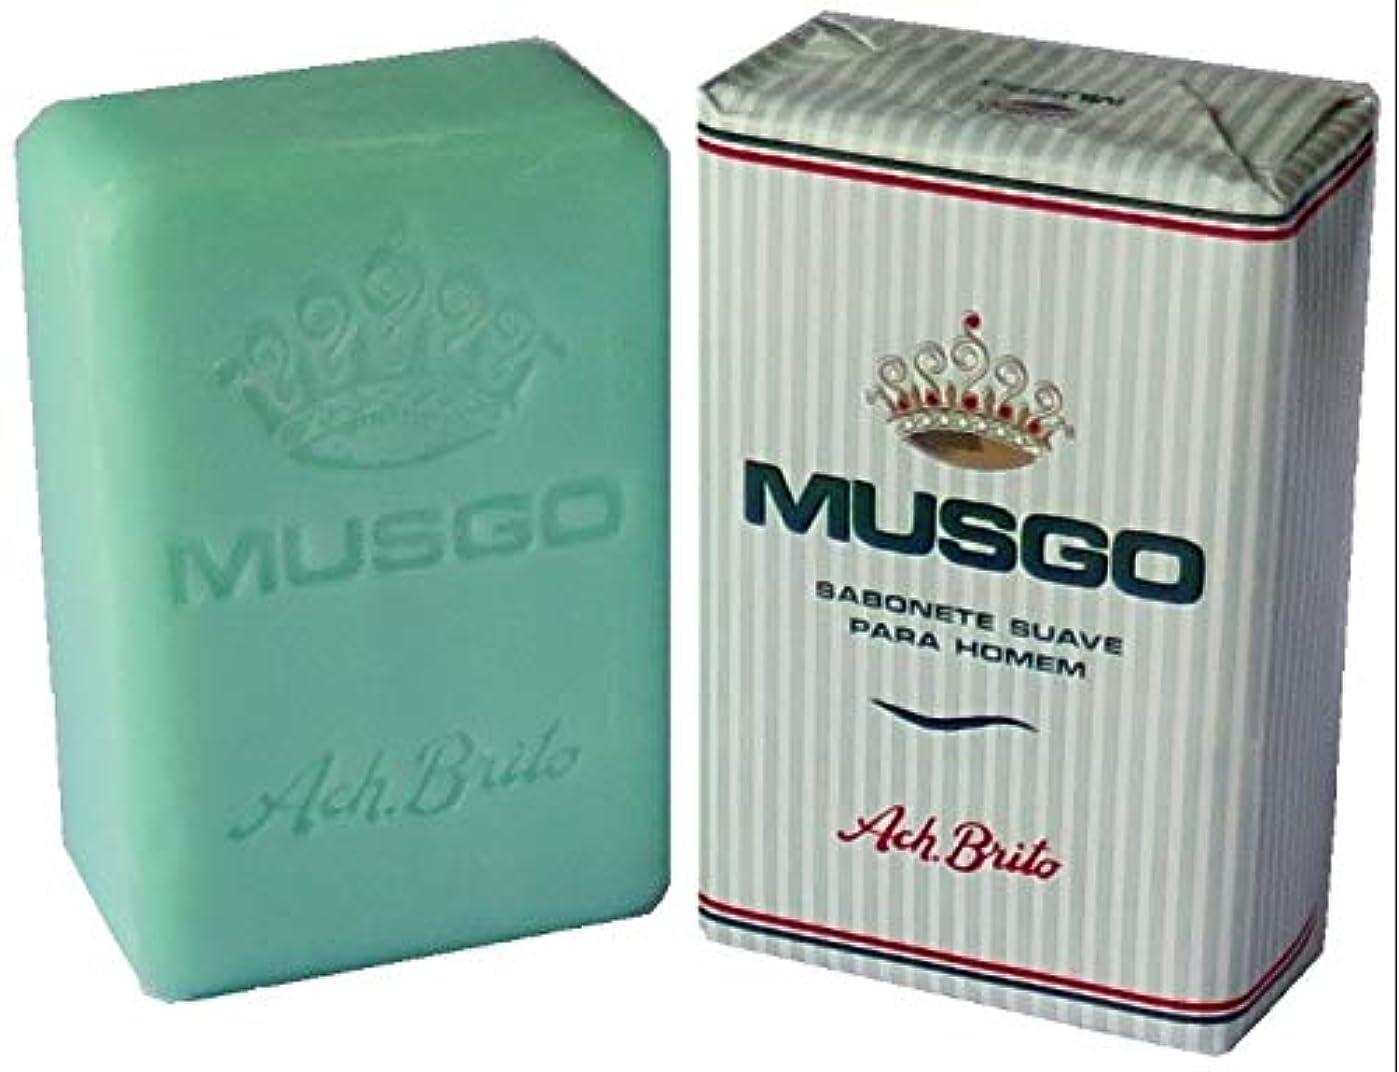 アカデミーハンカチ軍Musgo Real Body Soap 「ロイヤルモス」 ボディソープバー 160g [並行輸入品]